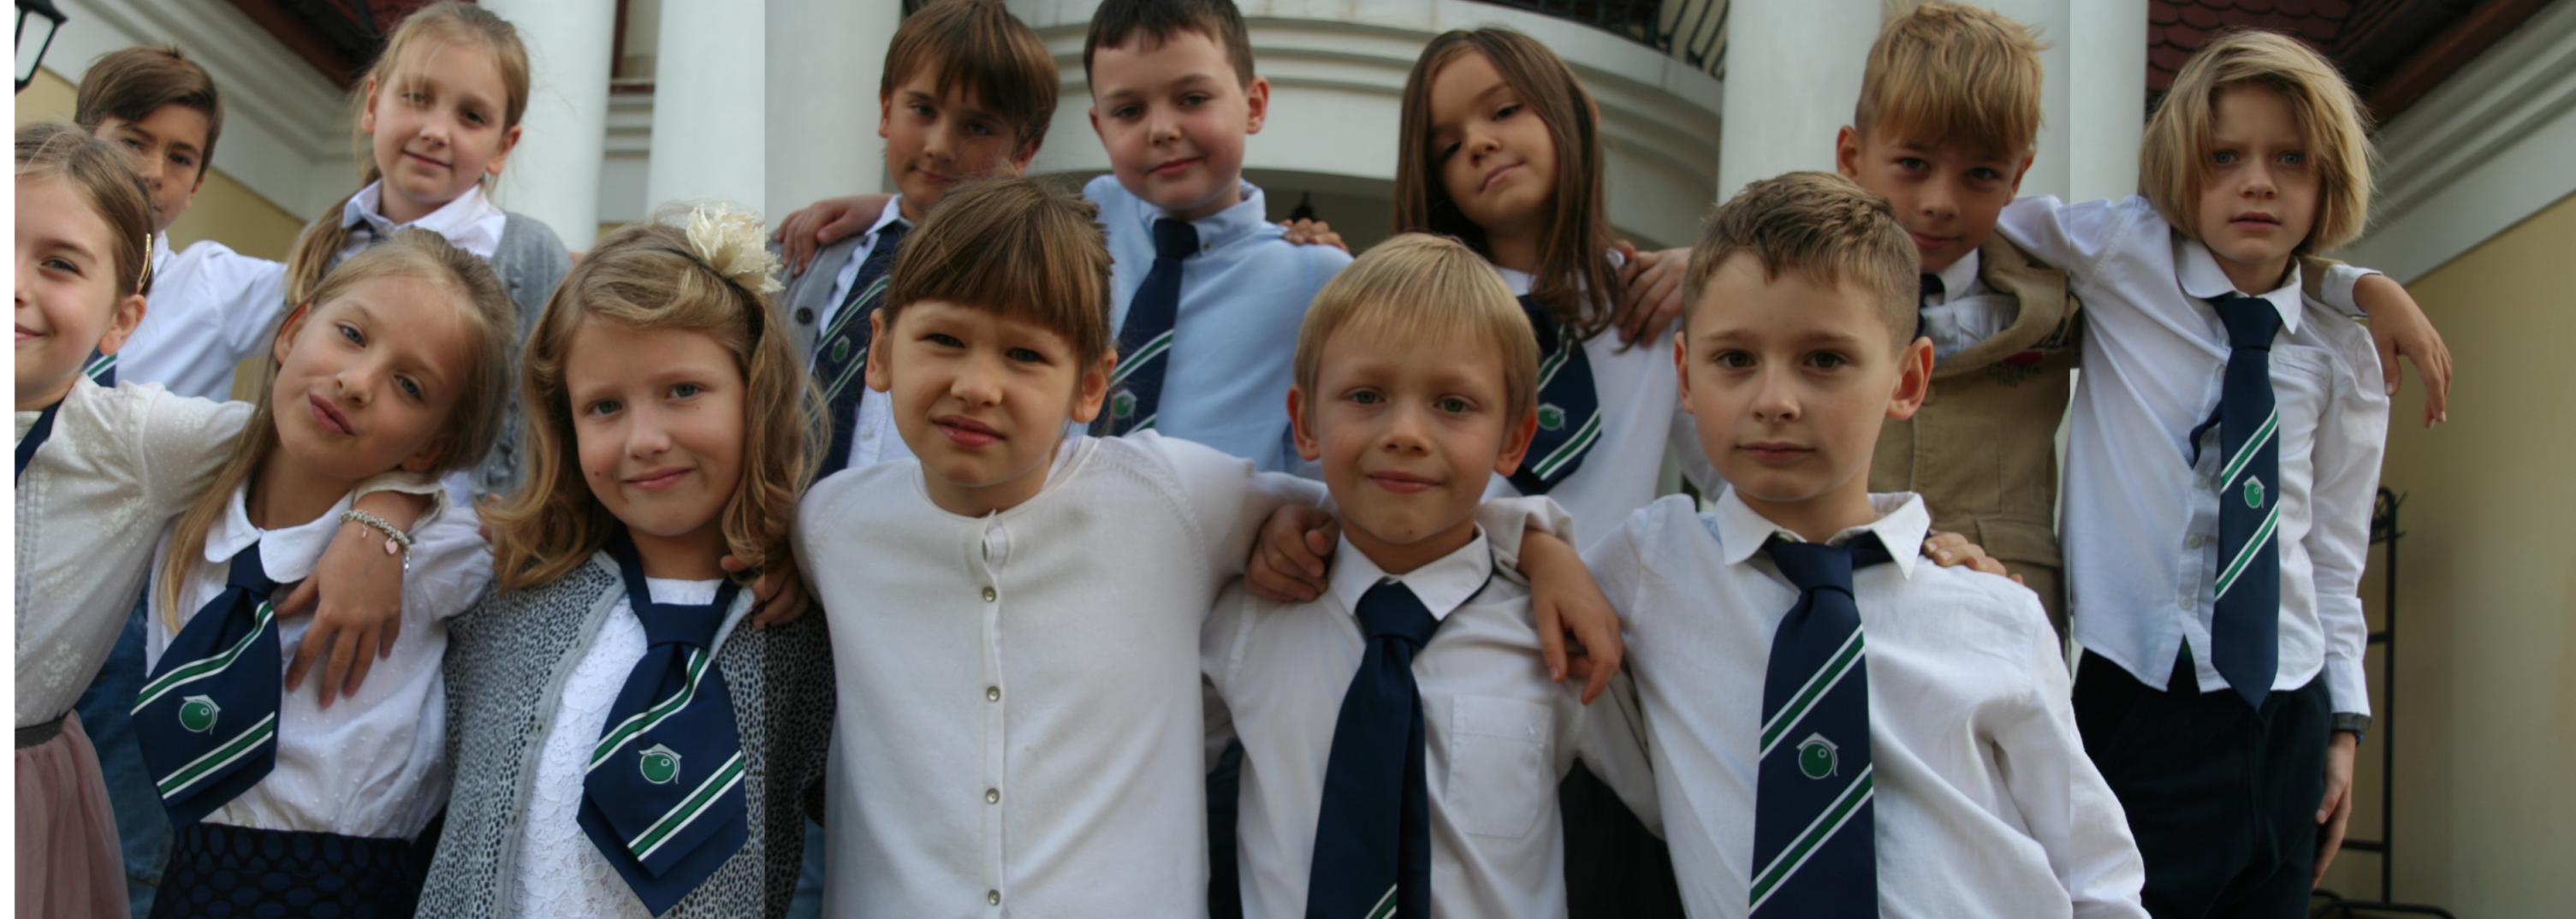 szkola2-small